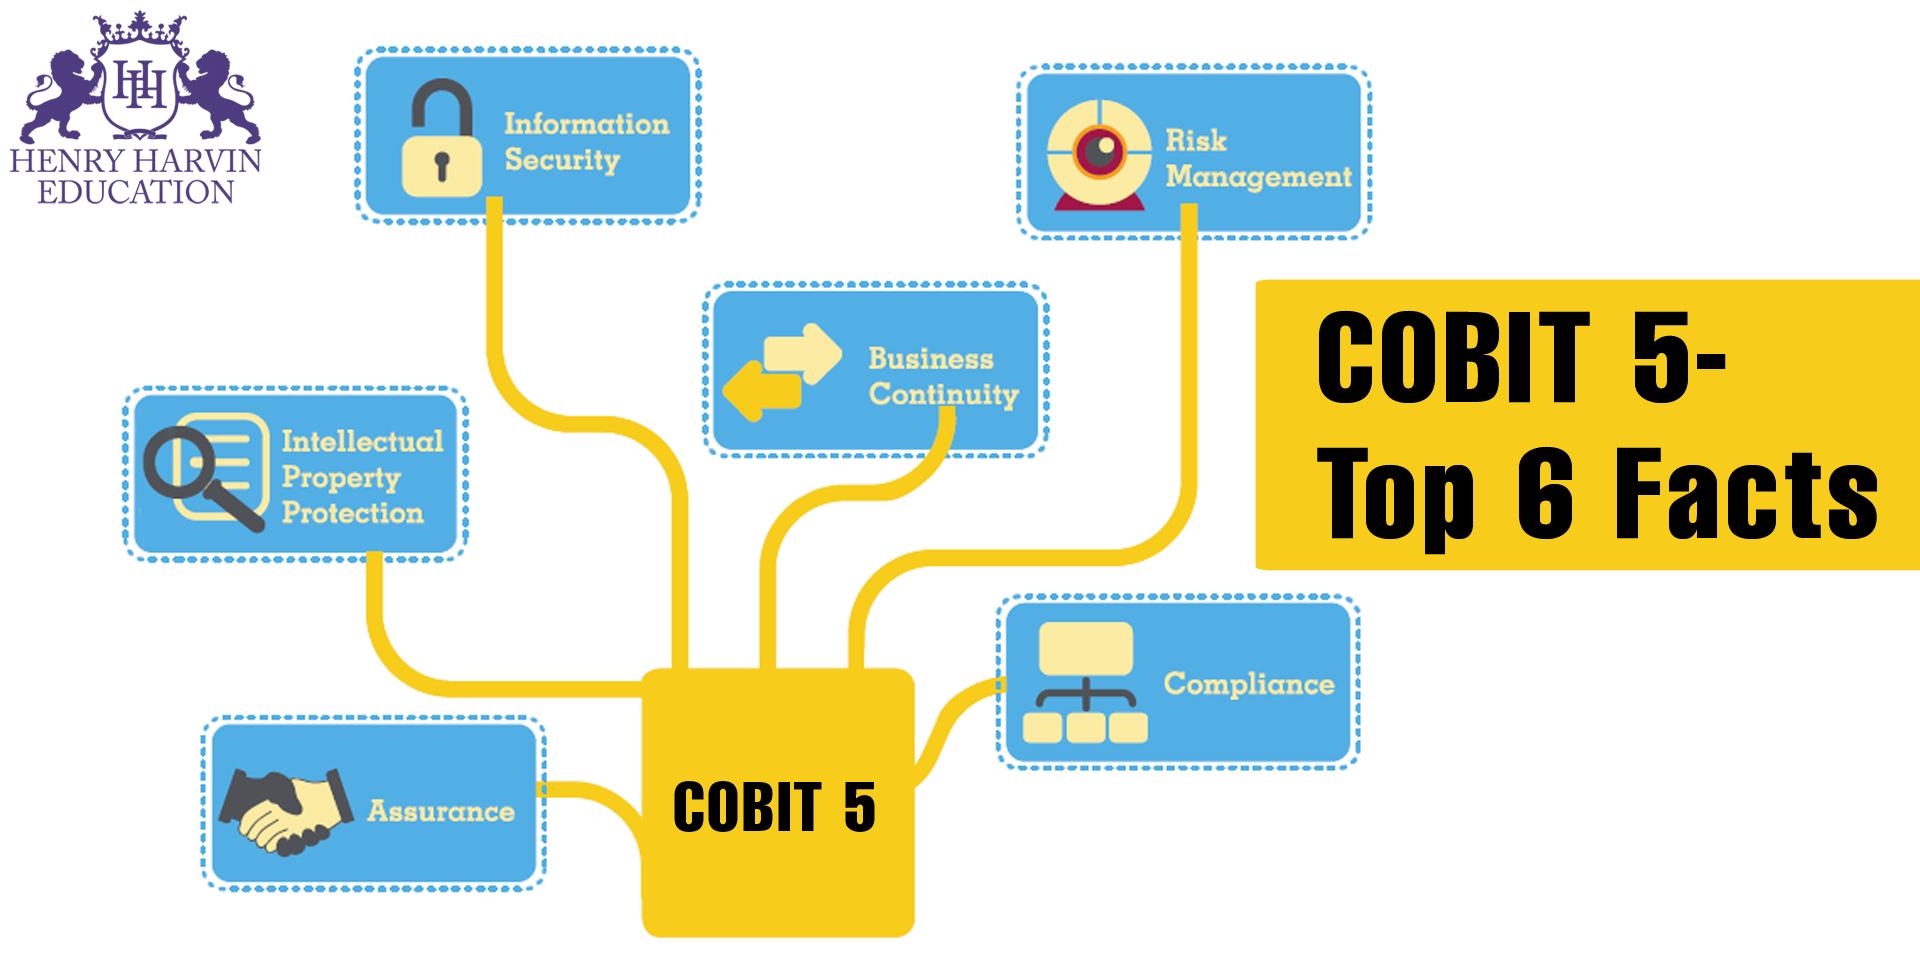 5 Factors about COBIT 5 | COBIT 5-Top 6 Facts You Should Know